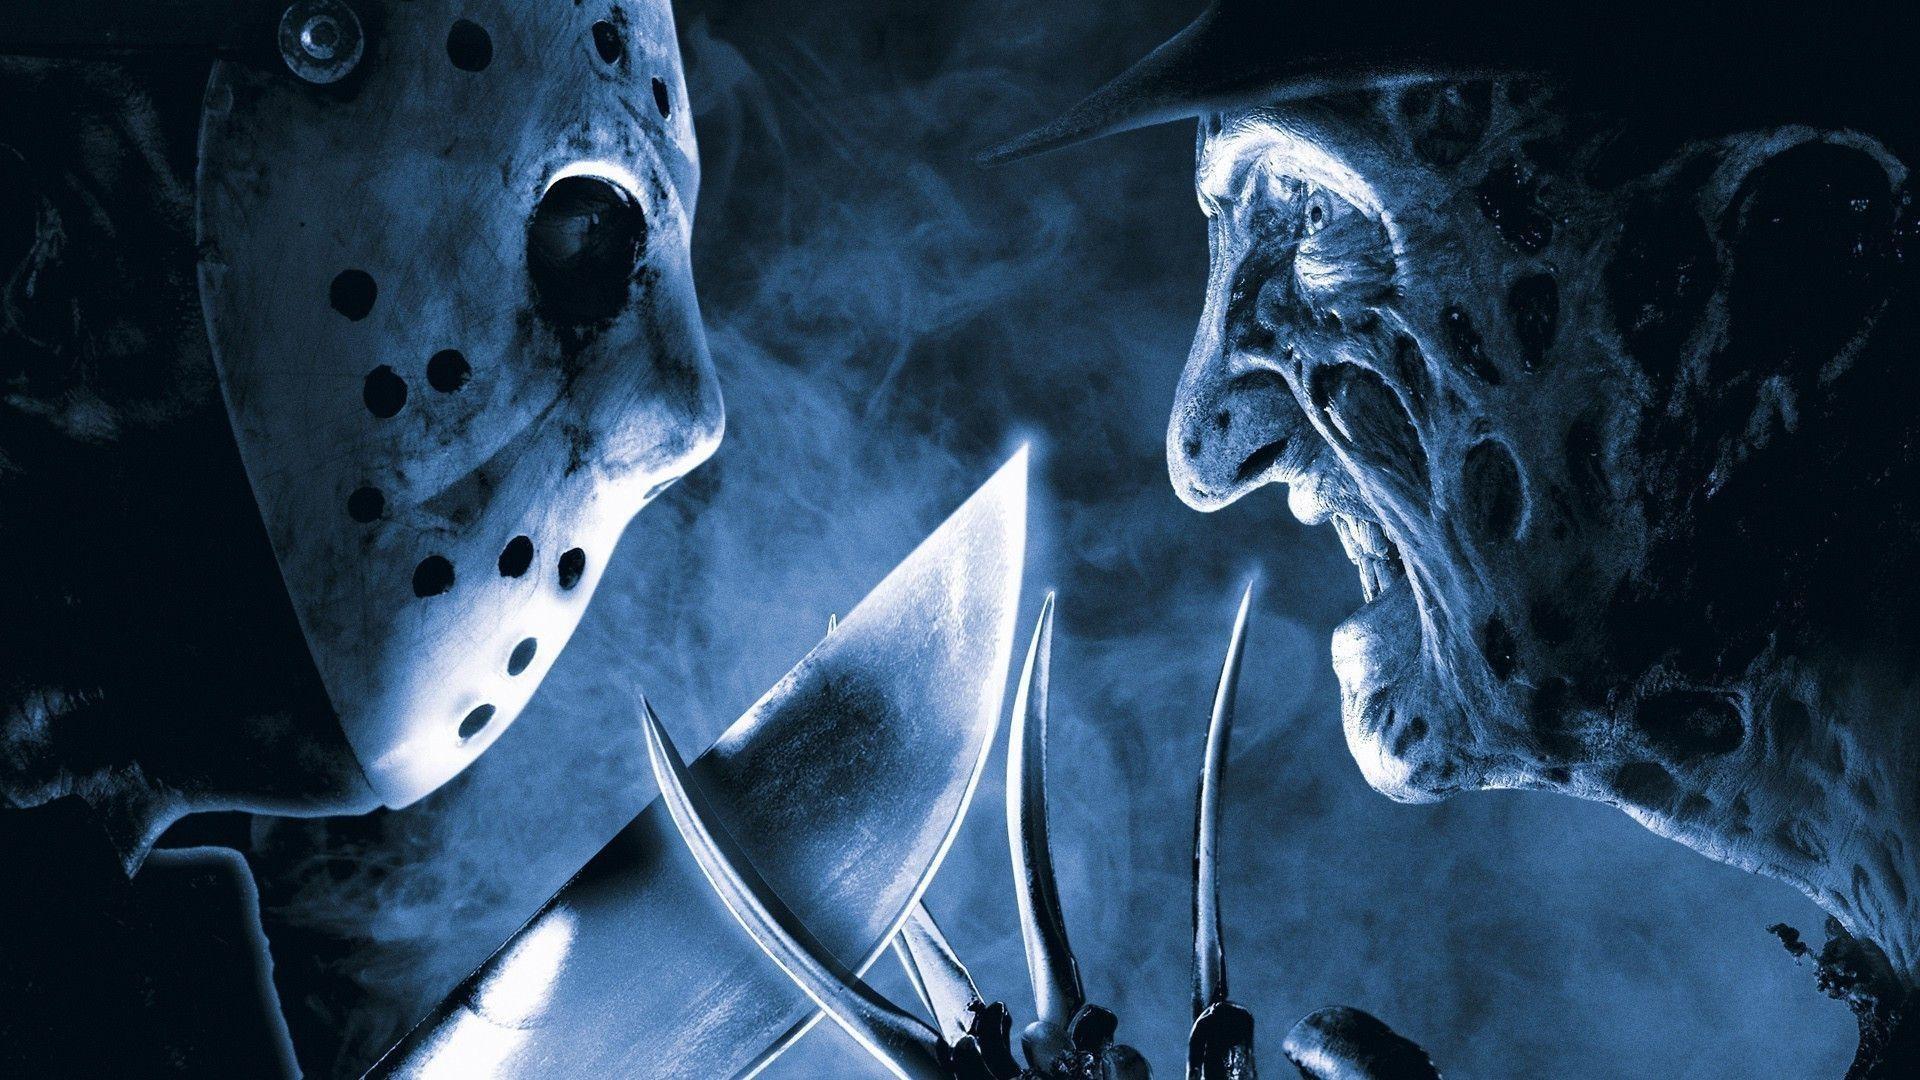 fantasy Art, Digital Art, Jason Voorhees, Freddy Krueger .